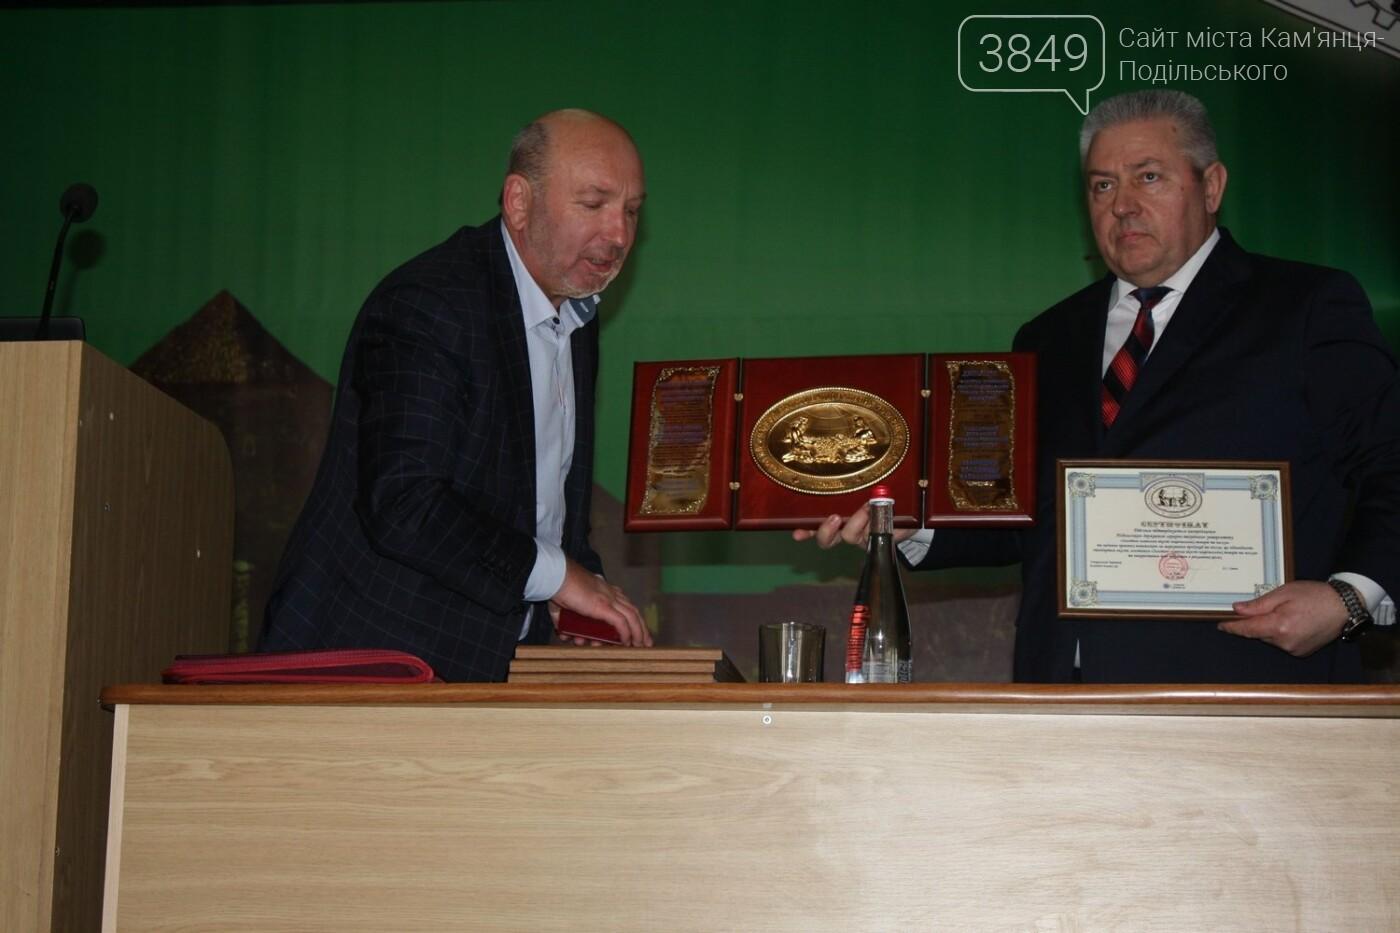 Подільський державний аграрно-технічний університет отримав нагороду «Золотий символ якості національних товарів та послуг», фото-3